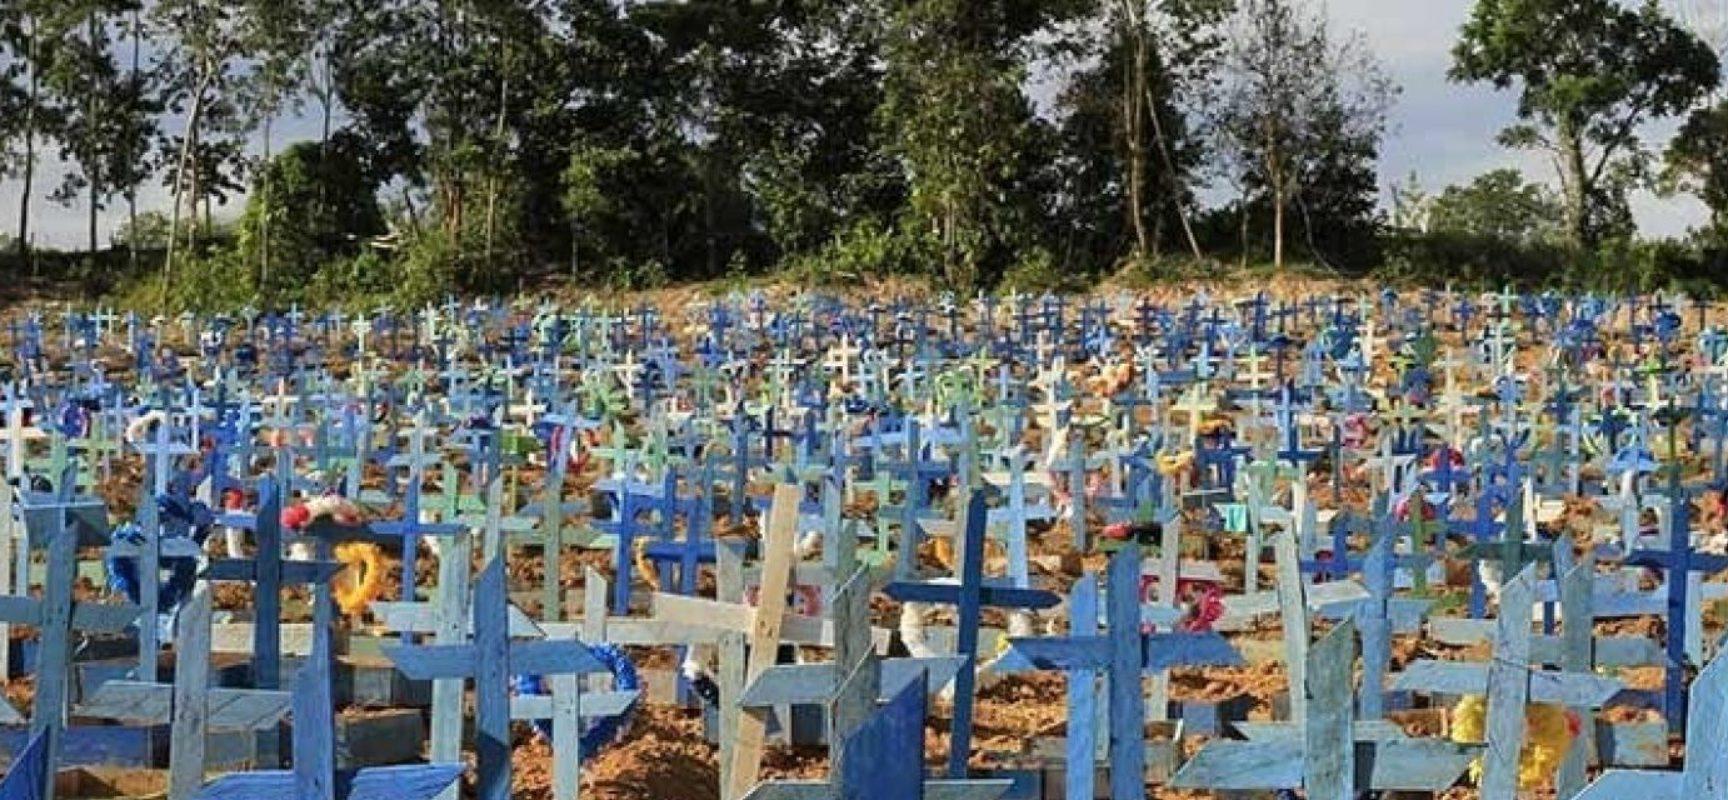 Brasil registra novo recorde de óbitos por Covid-19: 3.251 mortes em 24 horas